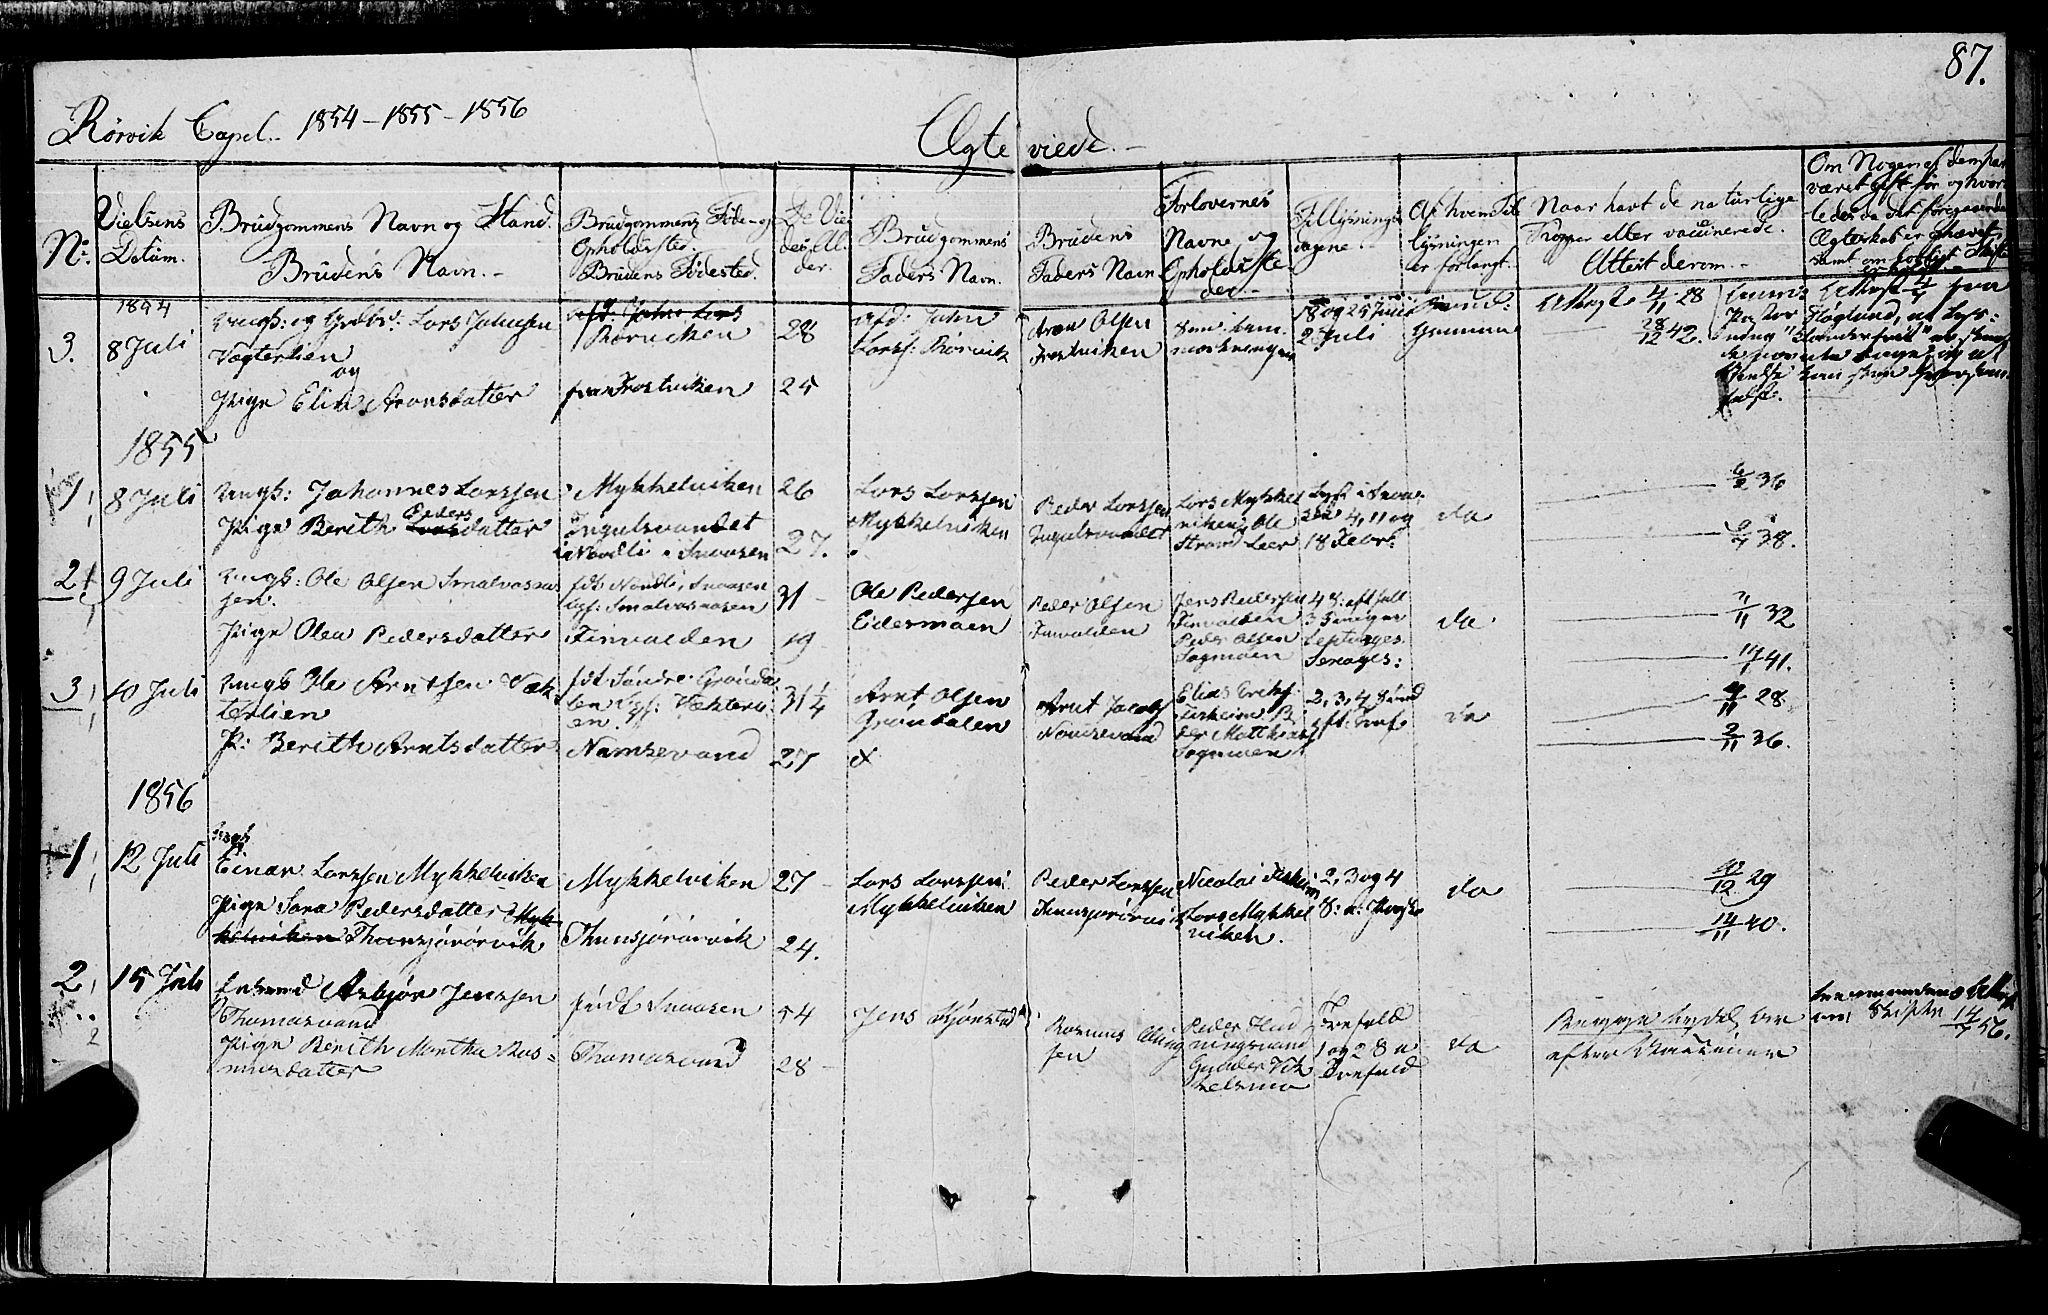 SAT, Ministerialprotokoller, klokkerbøker og fødselsregistre - Nord-Trøndelag, 762/L0538: Ministerialbok nr. 762A02 /1, 1833-1879, s. 87